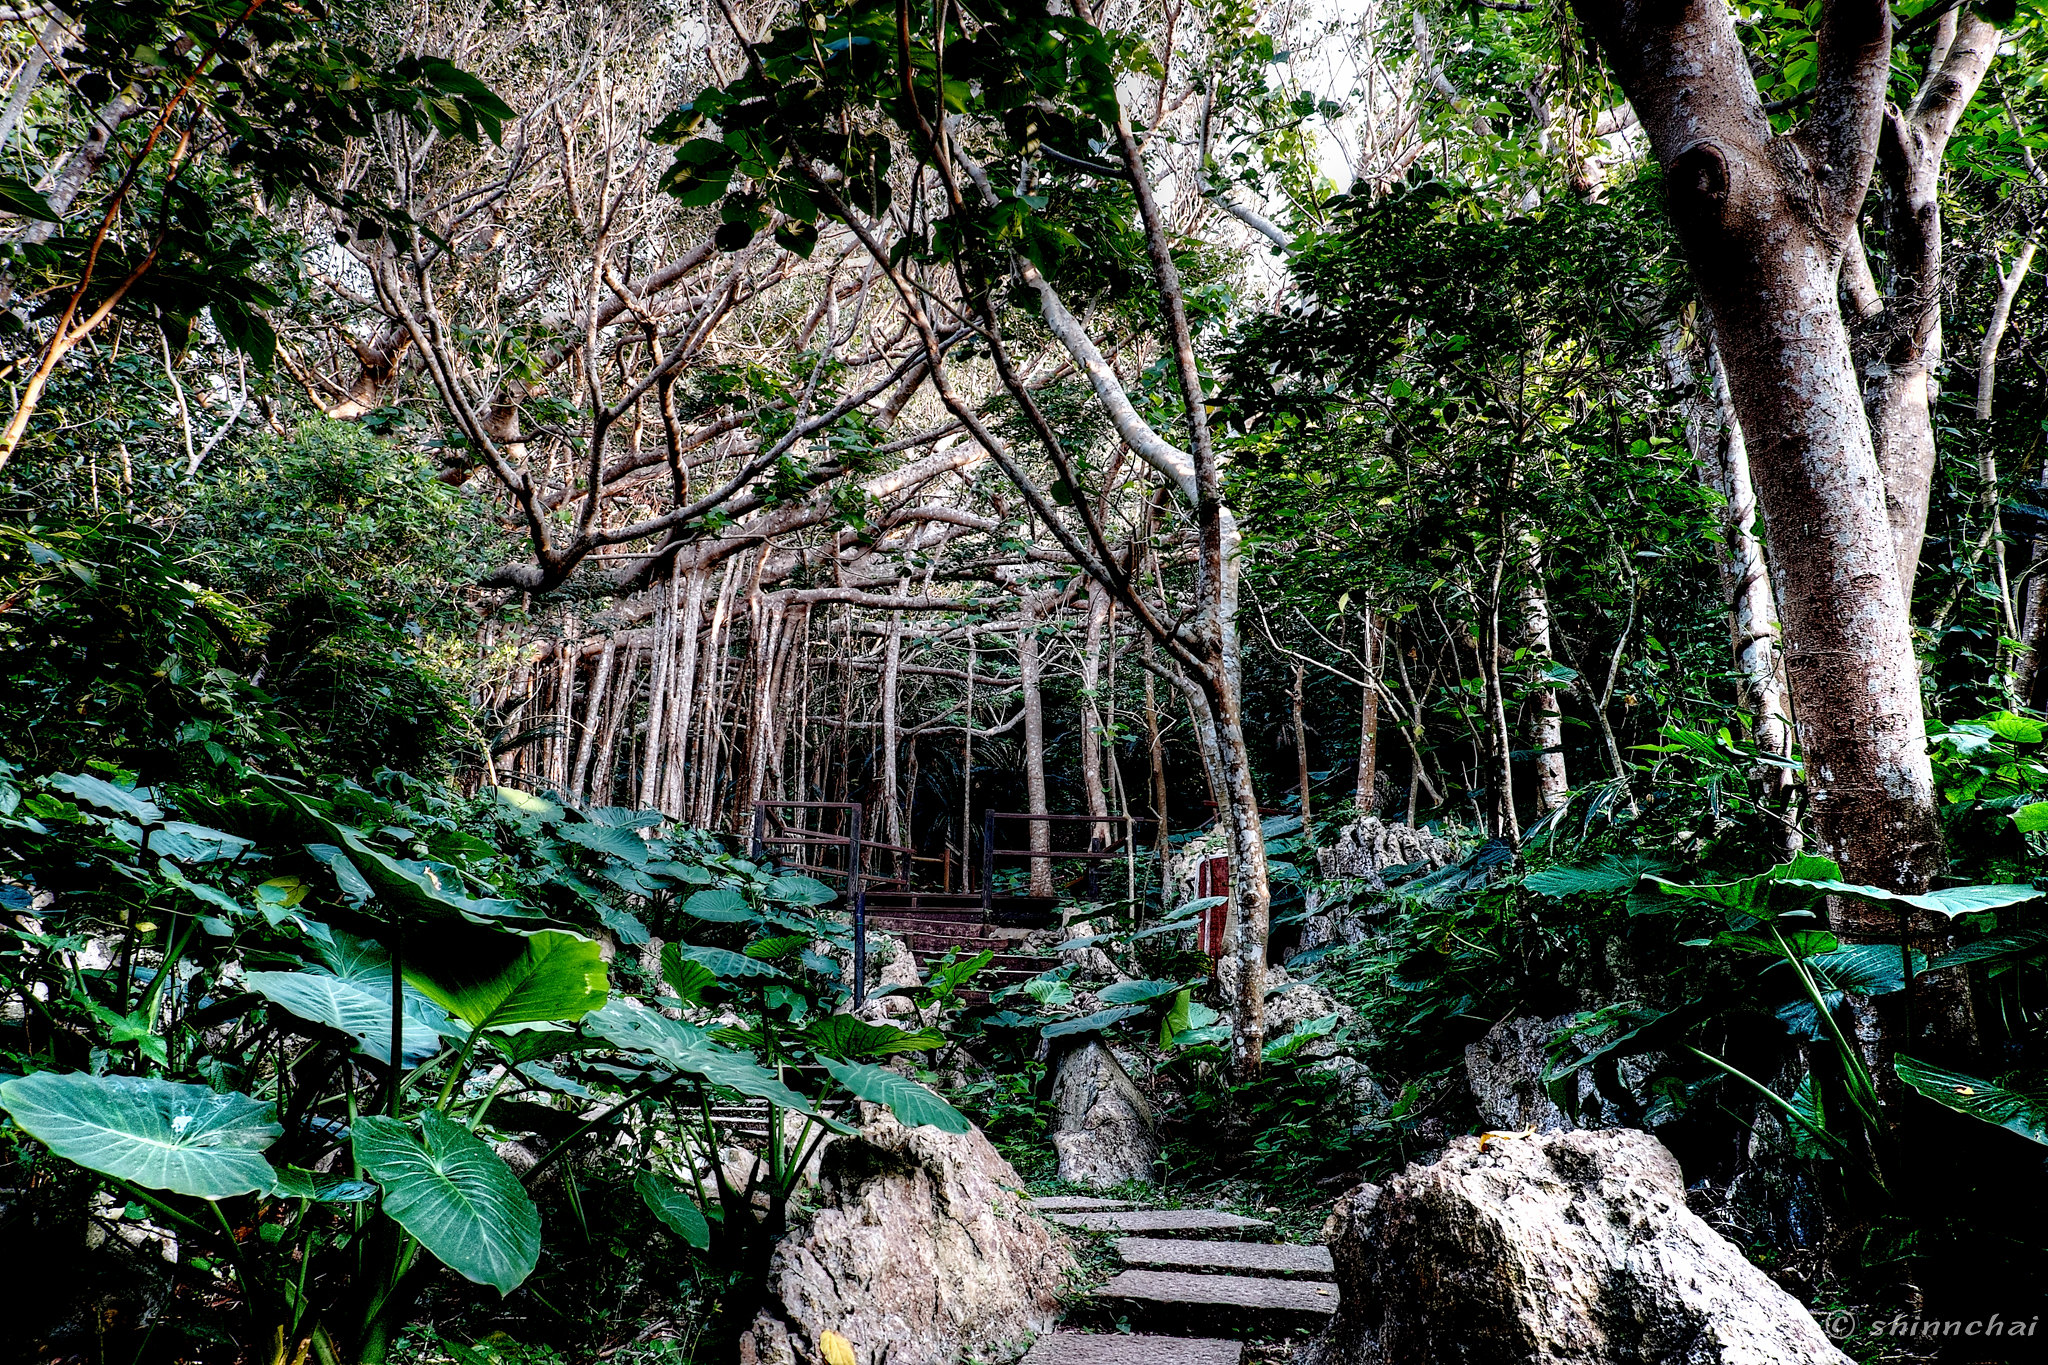 ズームレンズ 単焦点レンズ 比較画像 画質 沖縄 ガジュマル